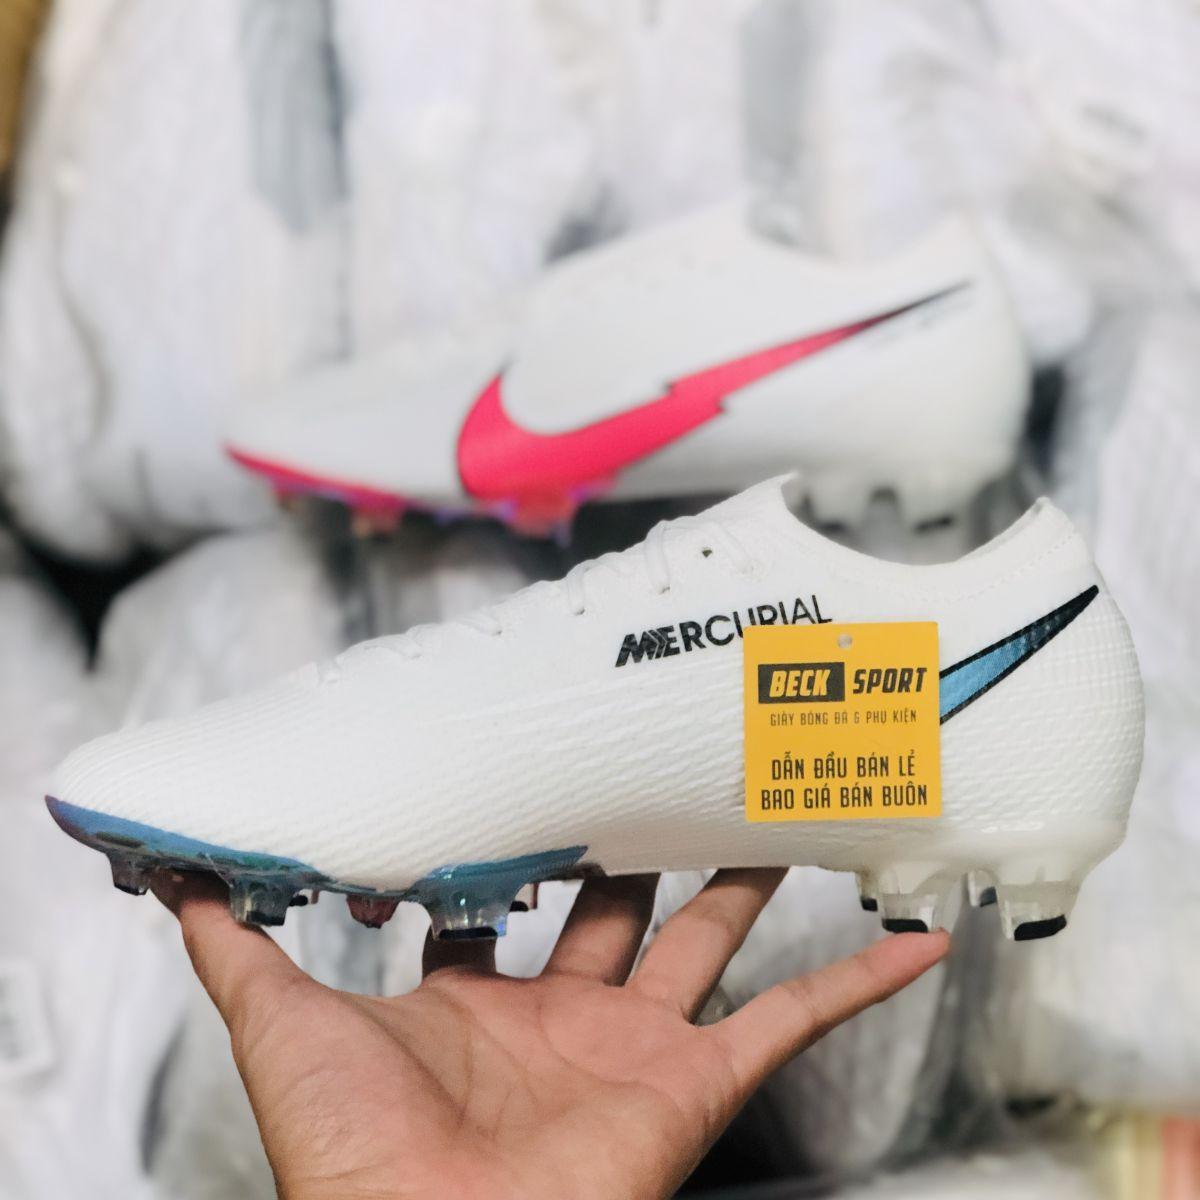 Giày Bóng Đá Nike Mercurial Vapor 13 Elite Olympics Trắng Vạch Hồng Cổ Lửng FG